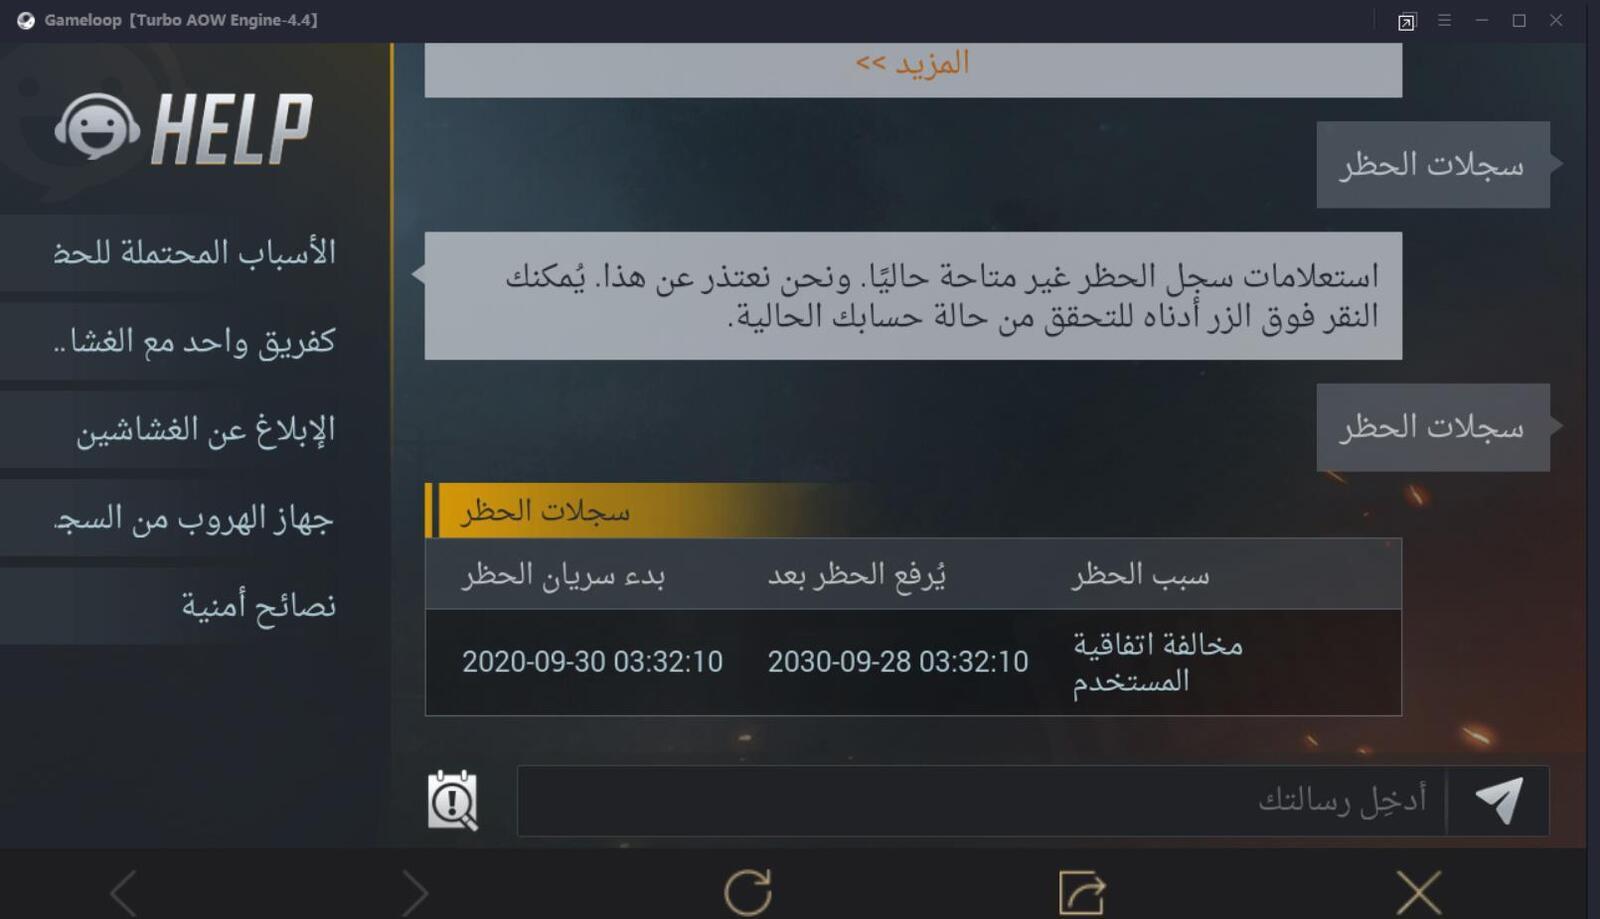 مخالفة اتفاقية المستخدم ببجي